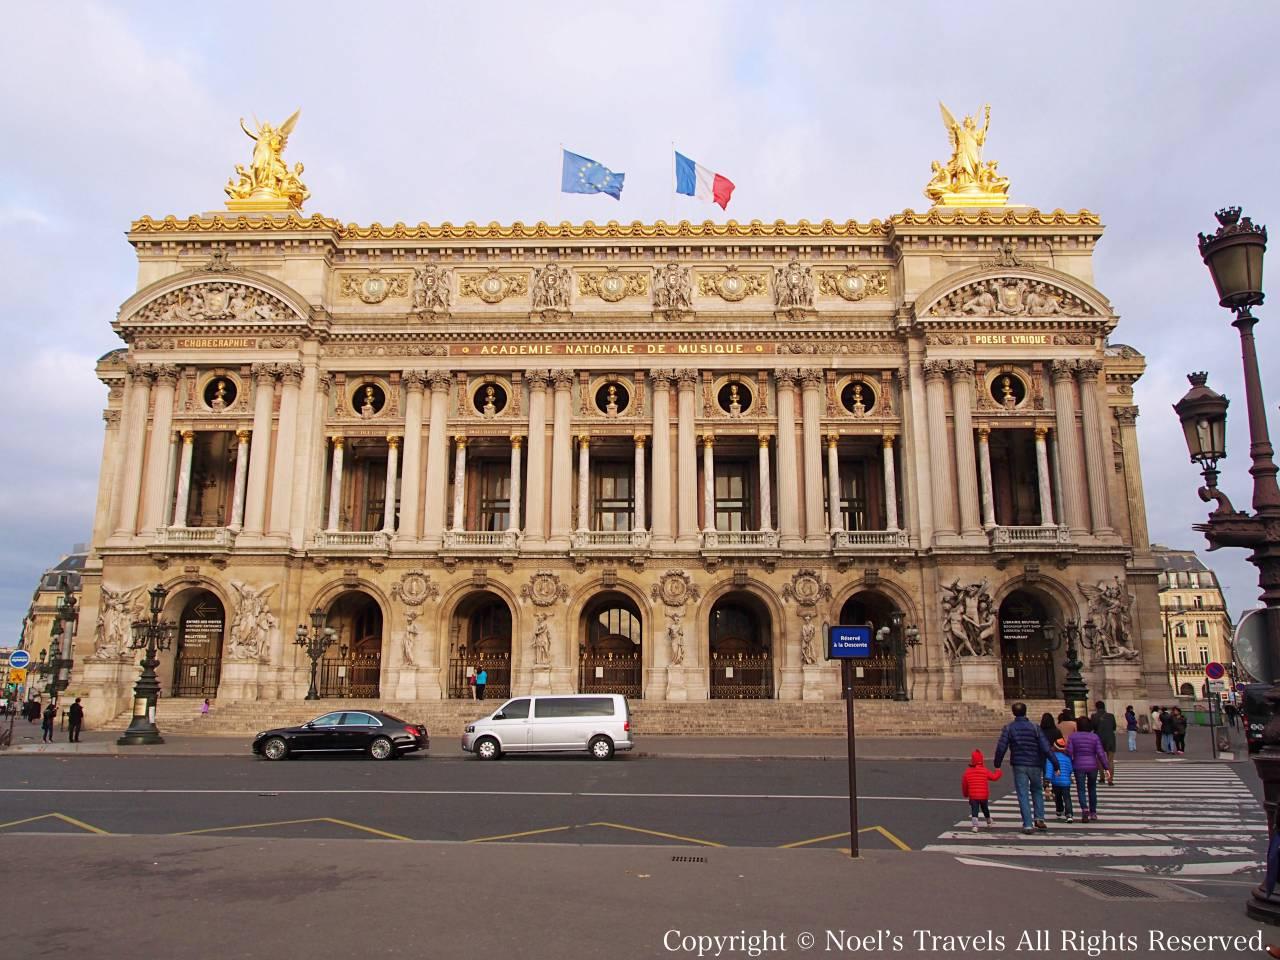 パリのオペラ・ガルニエ(オペラ座)